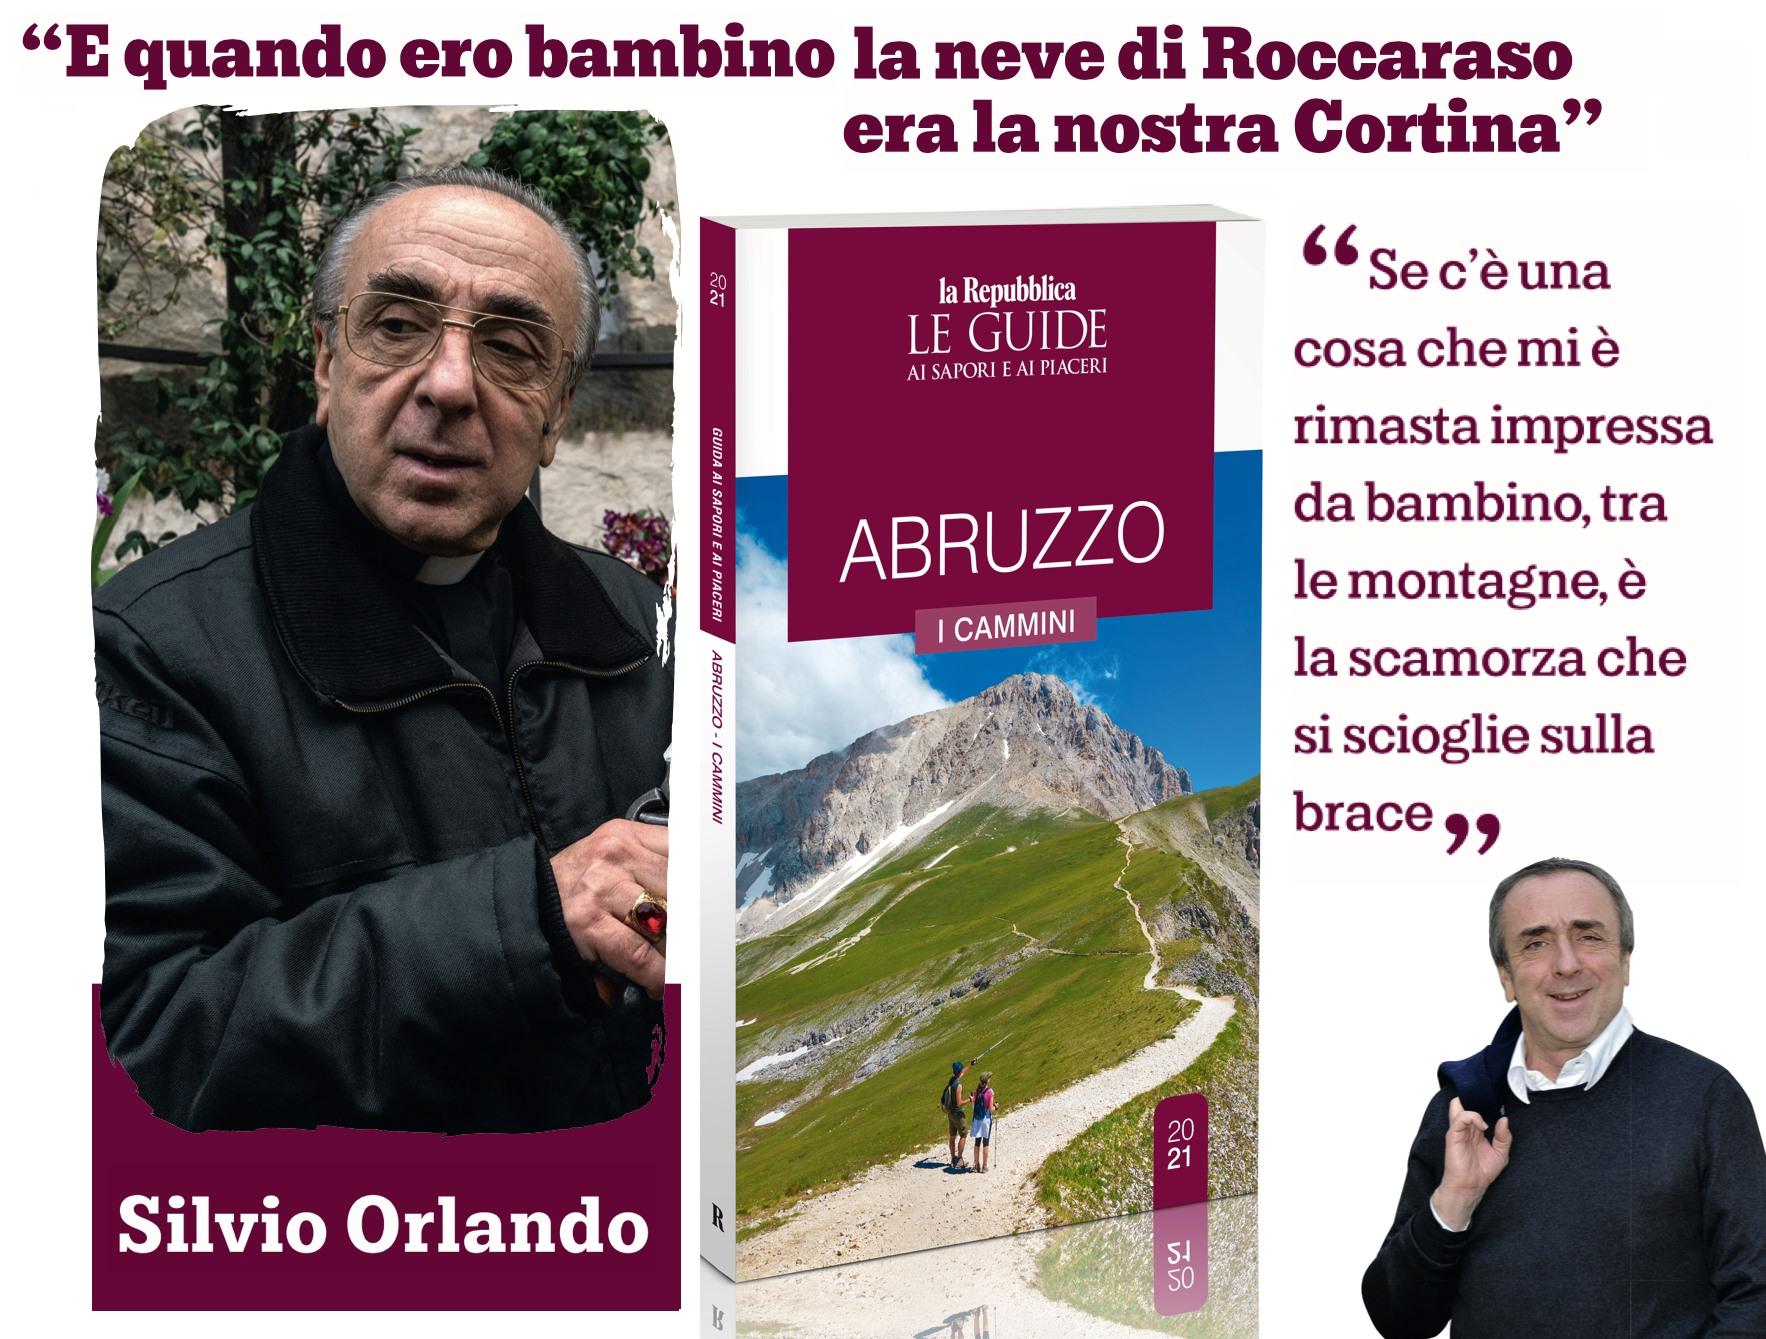 Il racconto di Silvio Orlando nella nuova guida di Repubblica